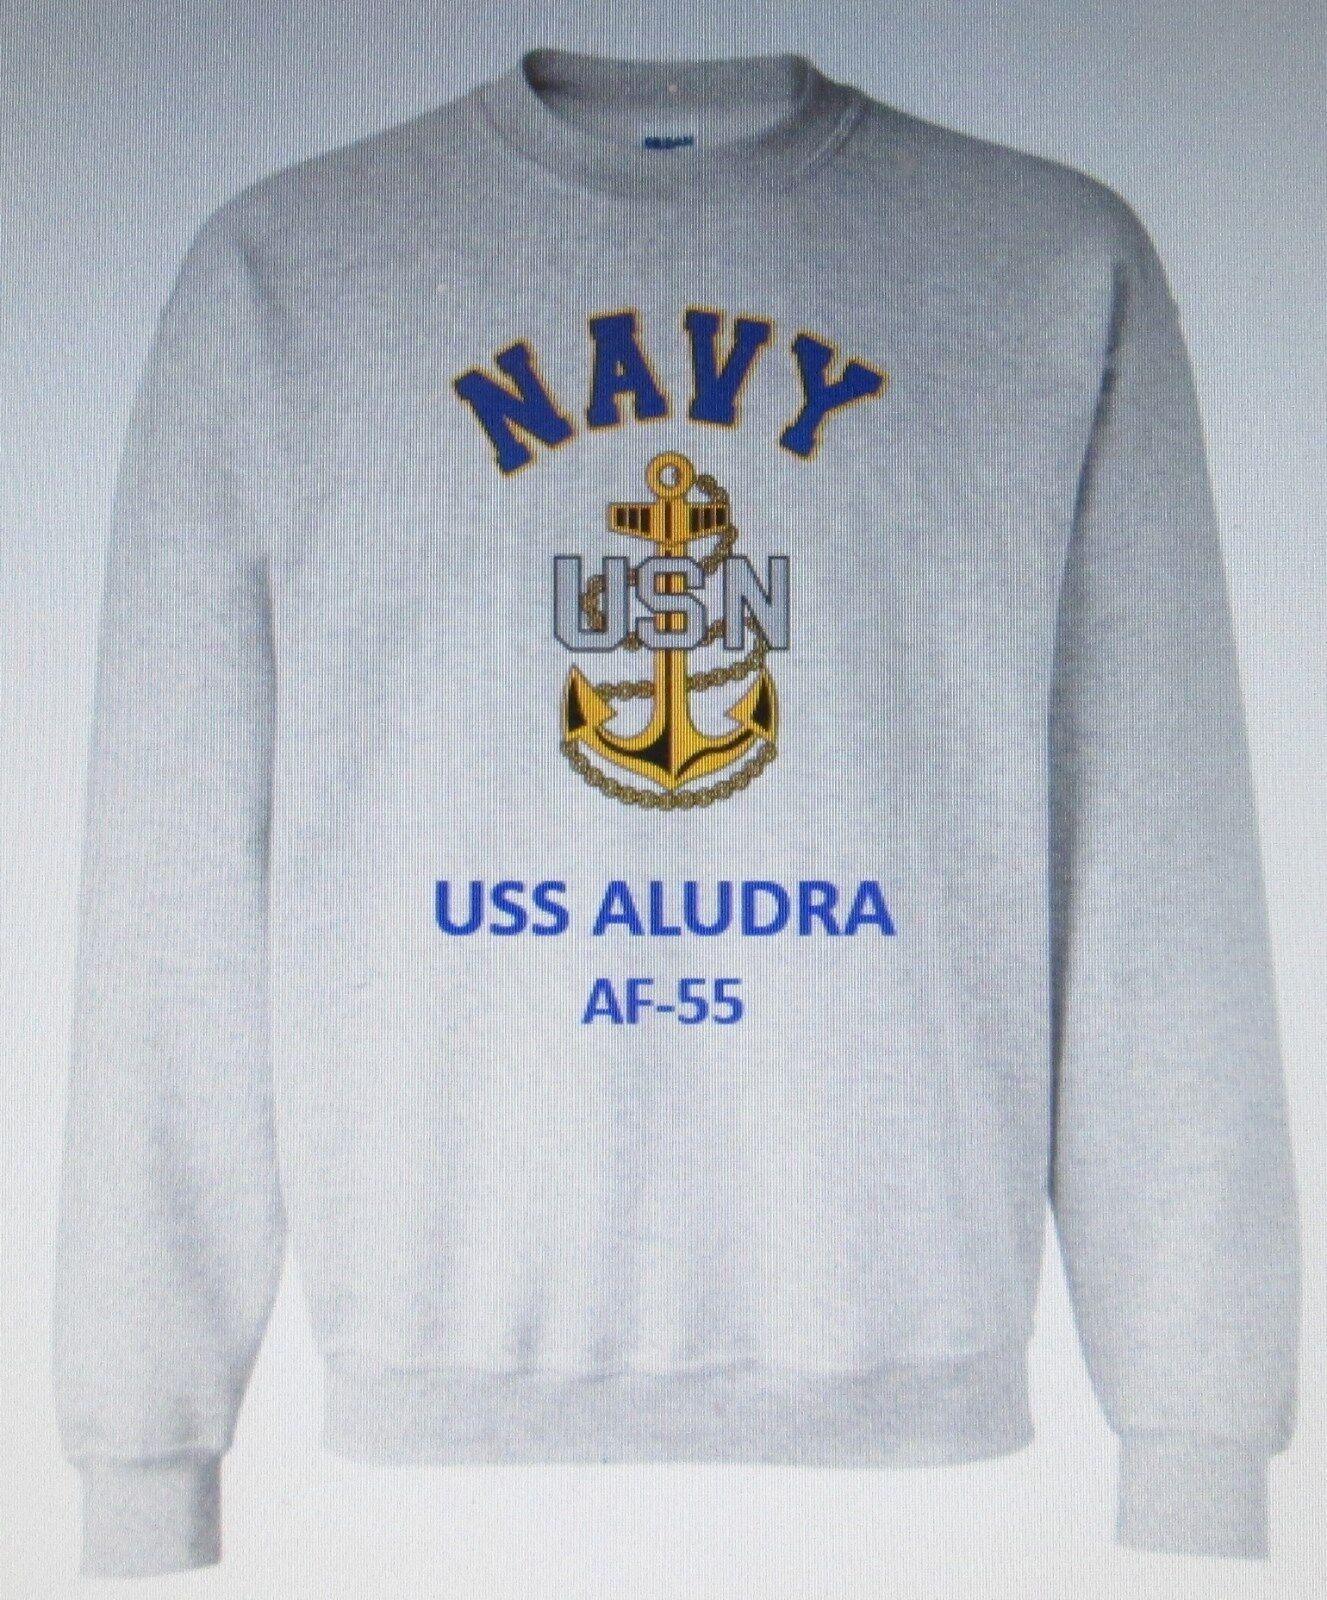 USS ALUDRA  AF-55  STORES SHIP  NAVY ANCHOR EMBLEM SWEATSHIRT